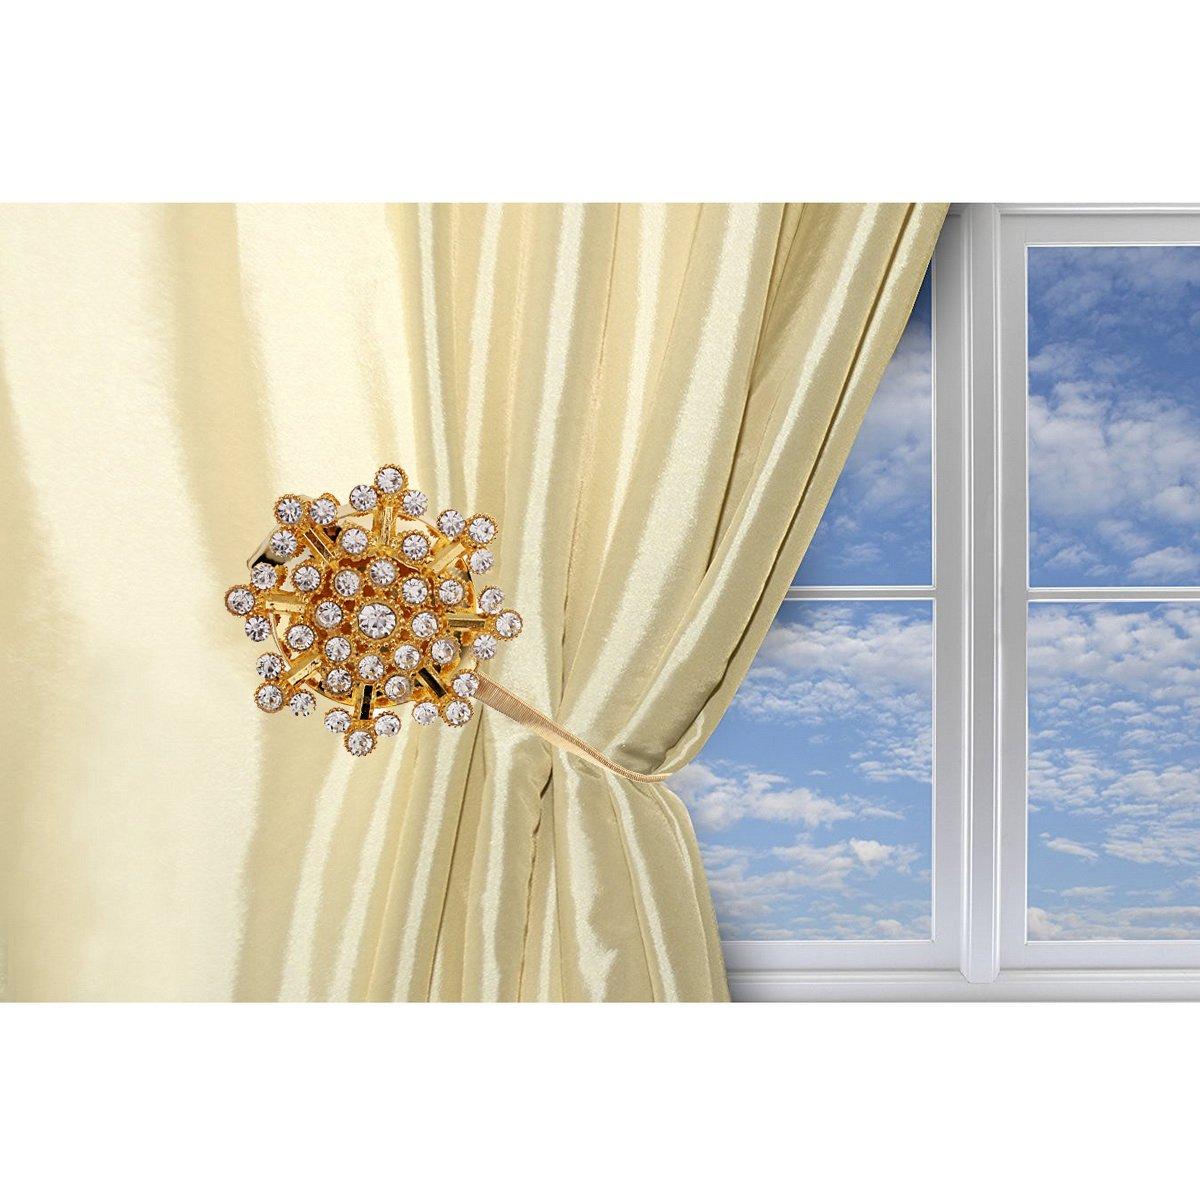 Cierre magnético para abrazaderas de cortinas, gancho, hebilla sujetacortinas, 1 unidad: Amazon.es: Hogar